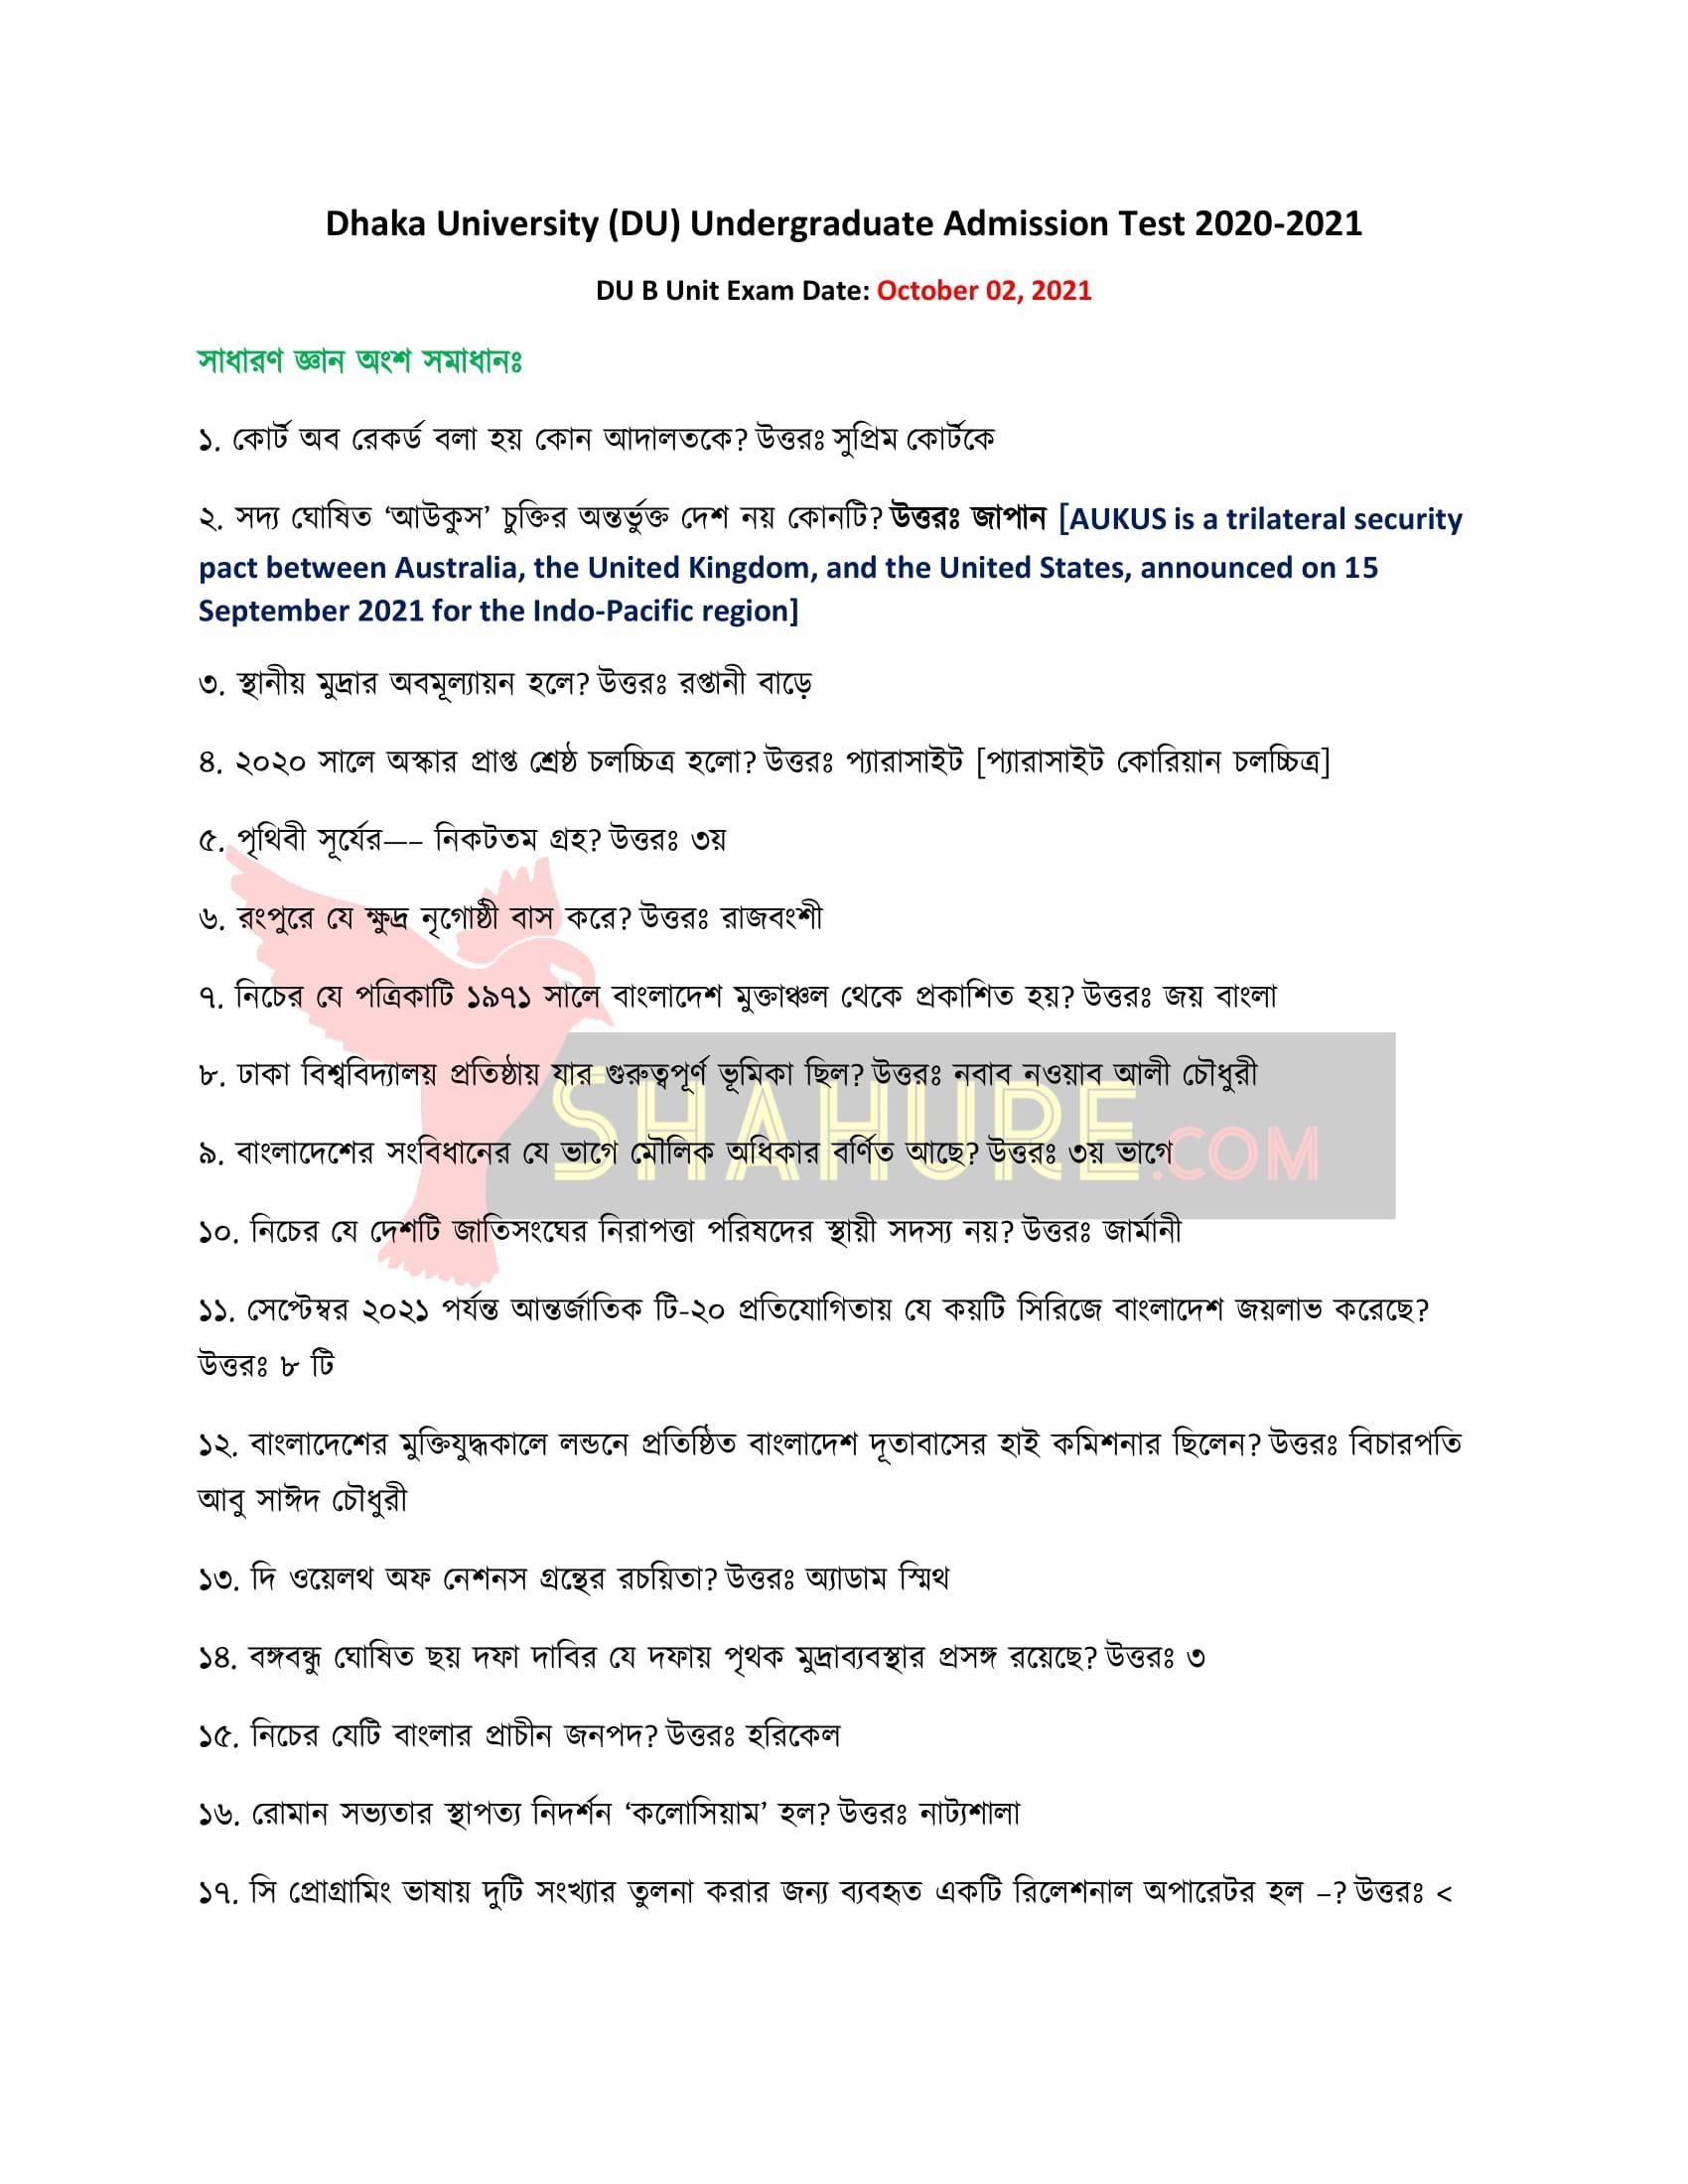 DU B Unit GK Part Question Solution 2021